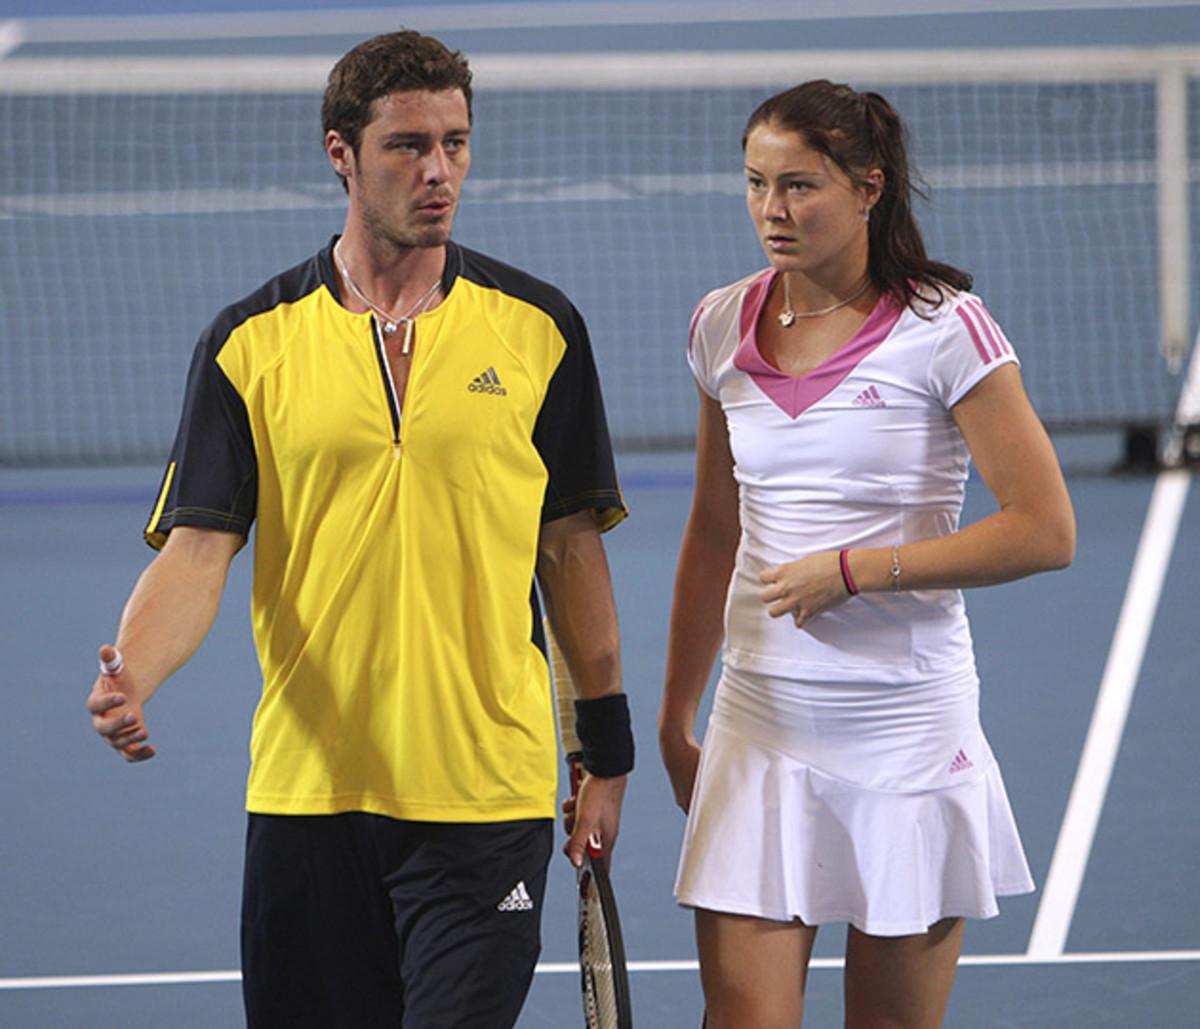 marat-dinara-safin-tennis-moms.jpg